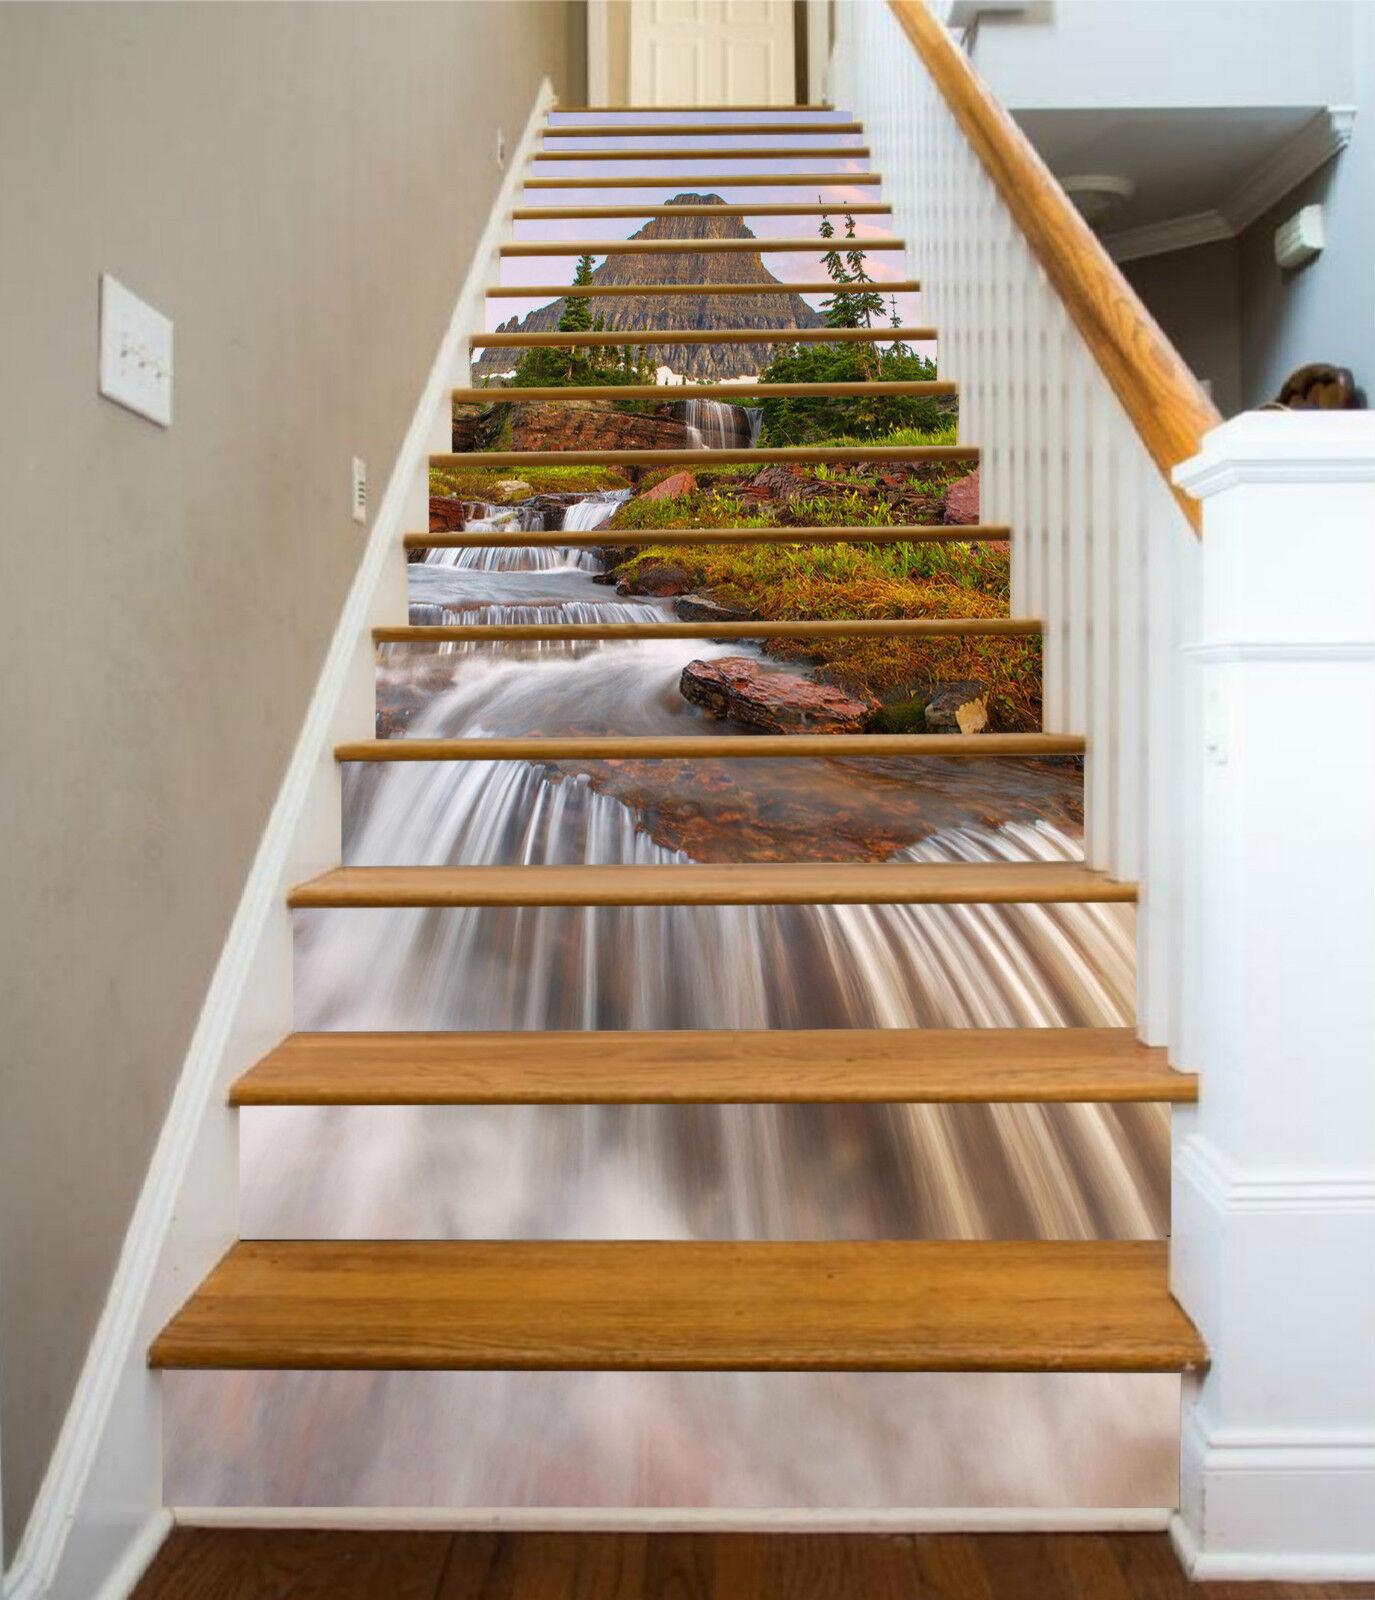 3d Pierre fleuve 061 Stair Risers Décoration Papier Peint Vinyle Autocollant Papier Peint De